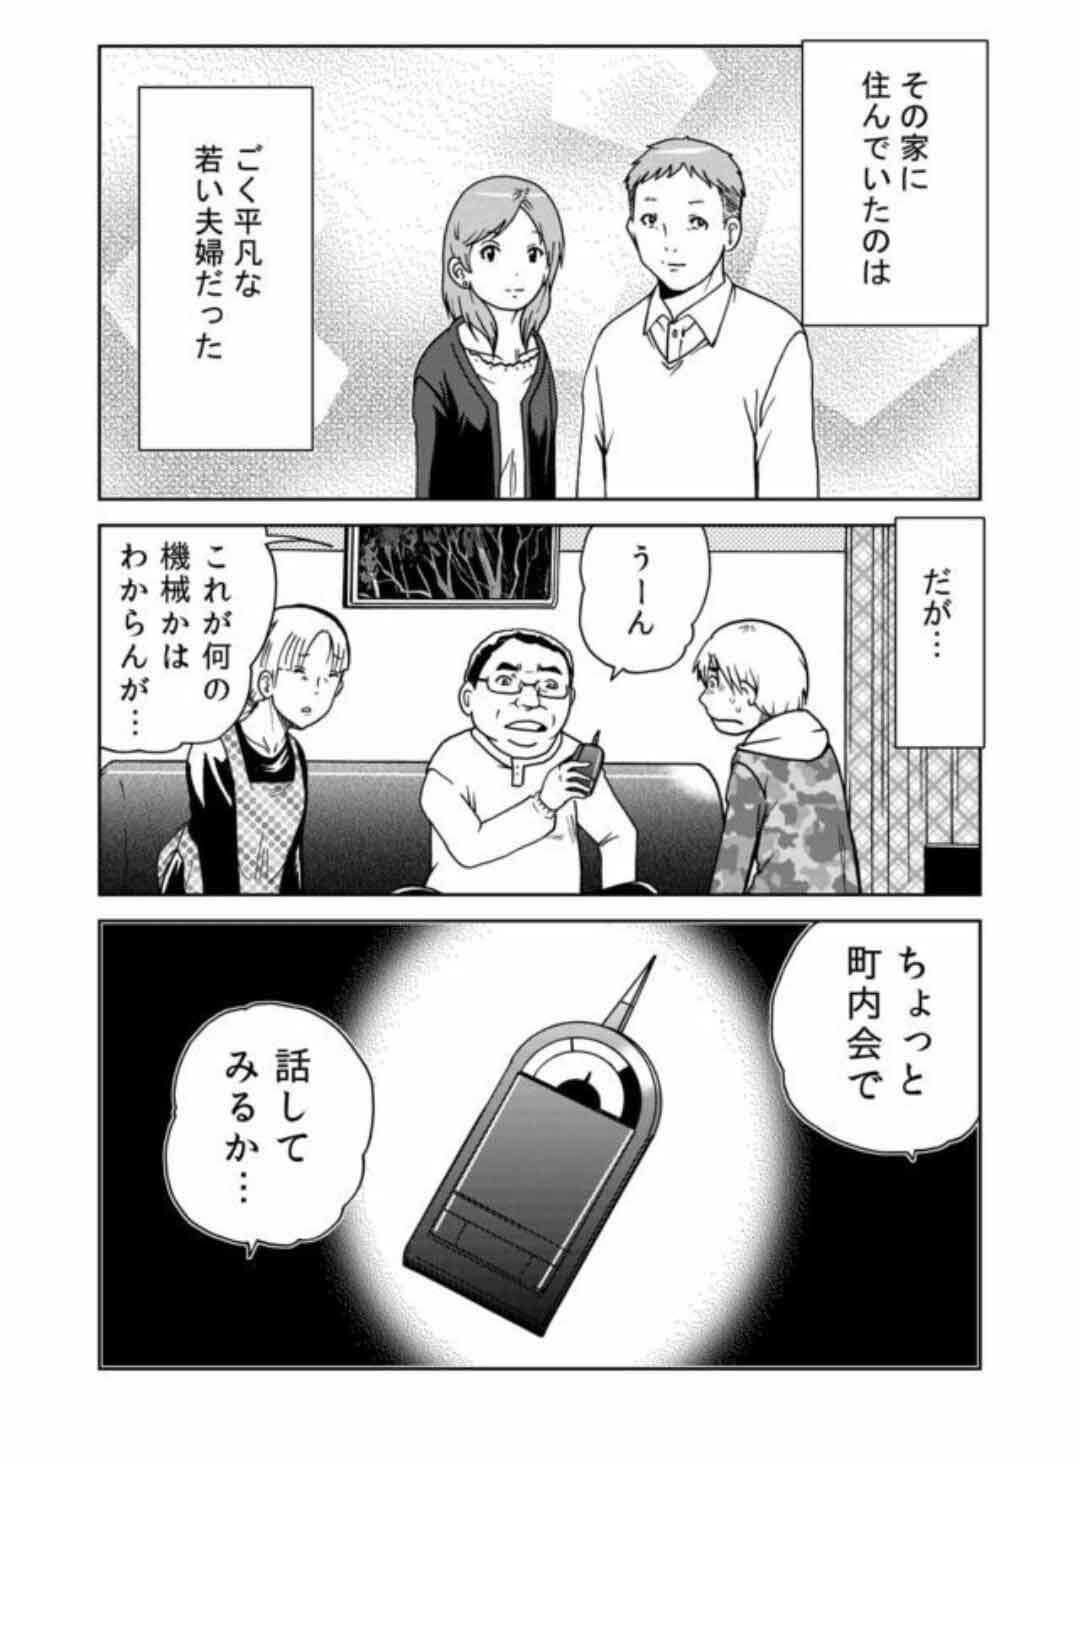 【国民性の違い】日本とアメリカ